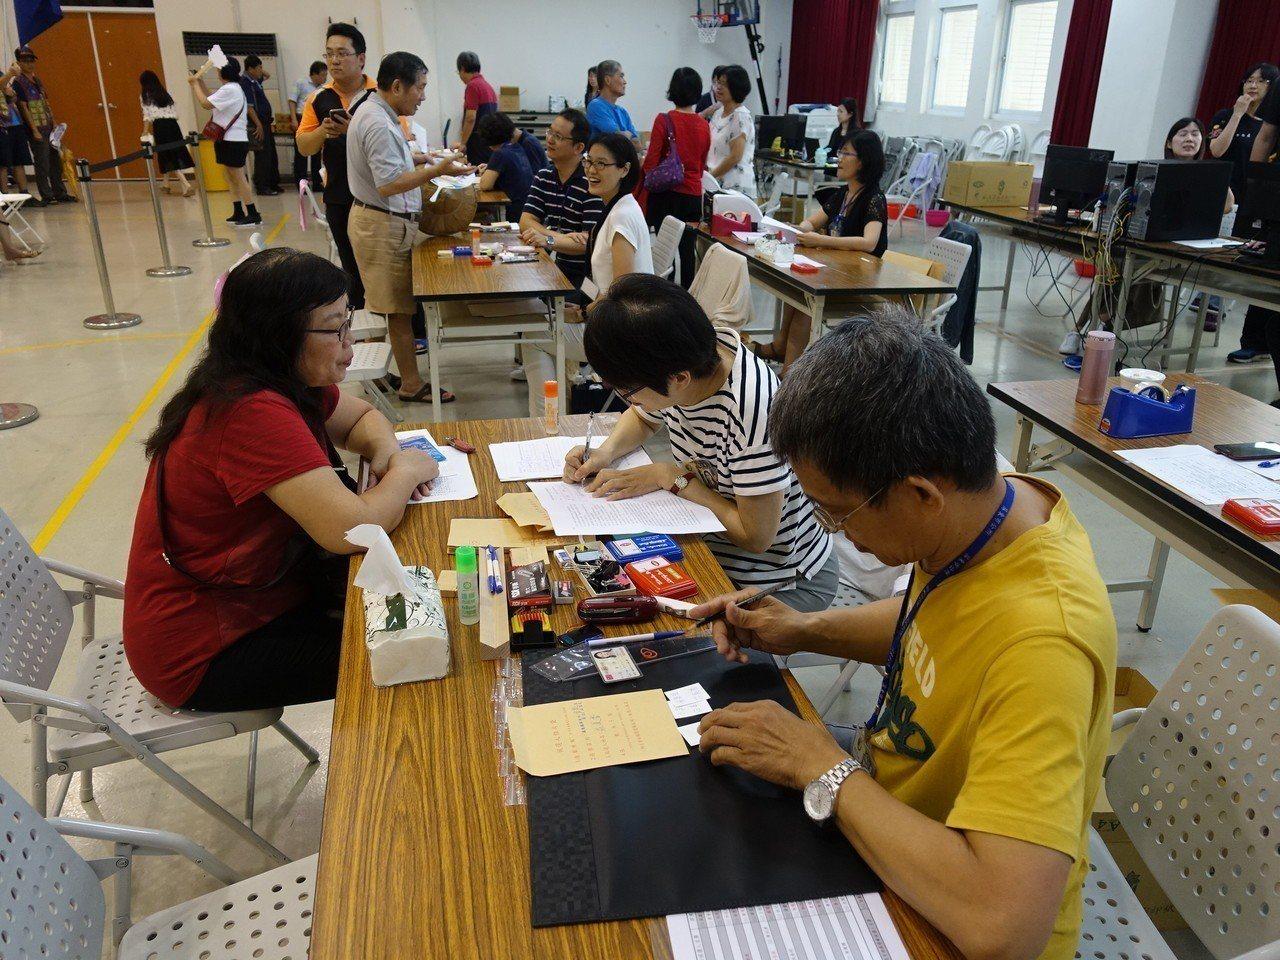 屏東縣總計有屏縣1611人登記要選853人。記者翁禎霞/攝影